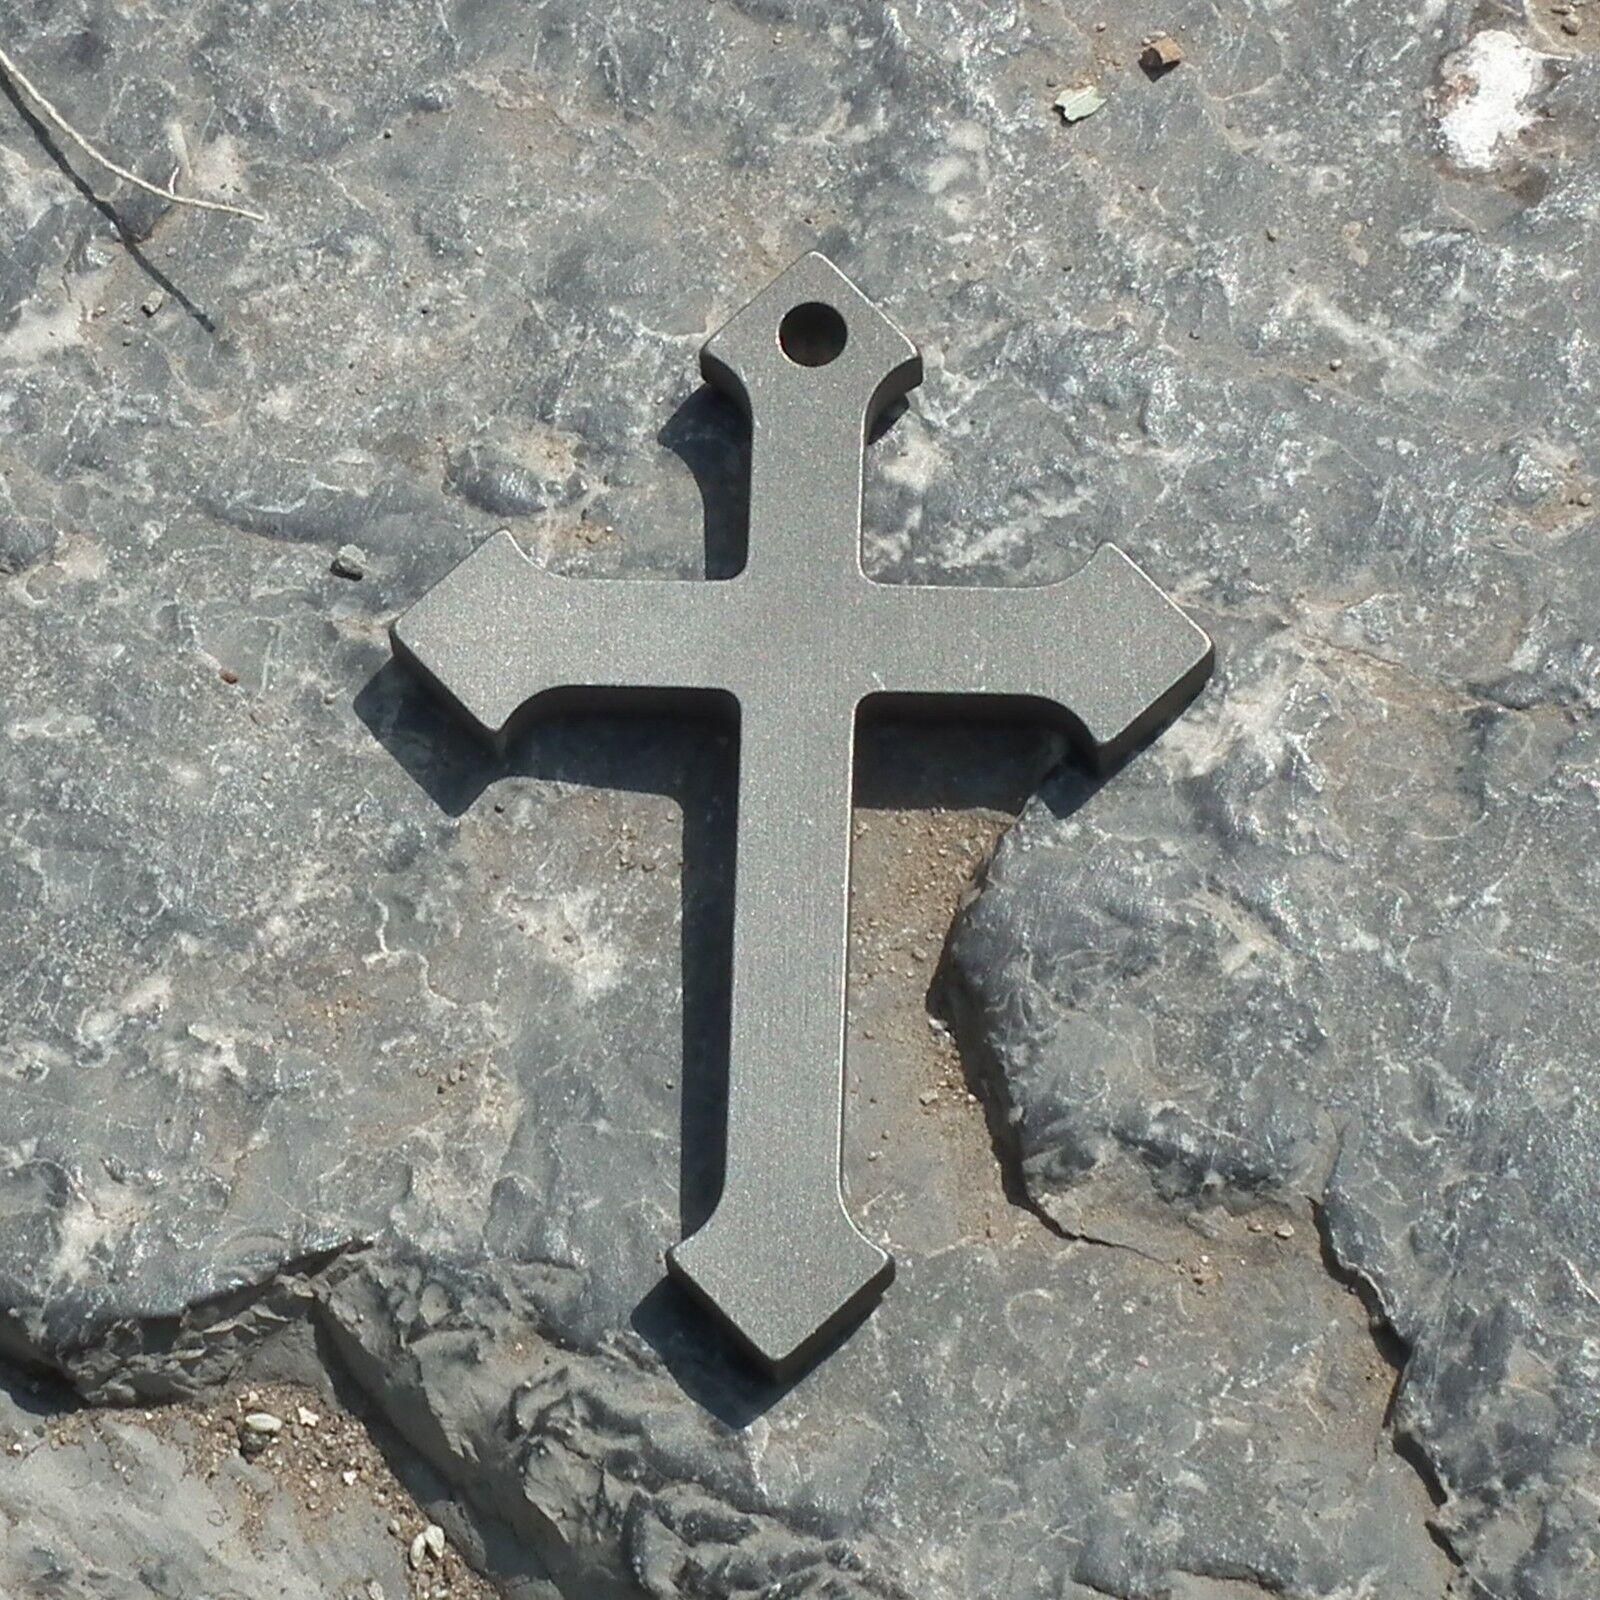 Titanium pry bar EDC Crucifix Cross Church Catholic Religious necclace pendant